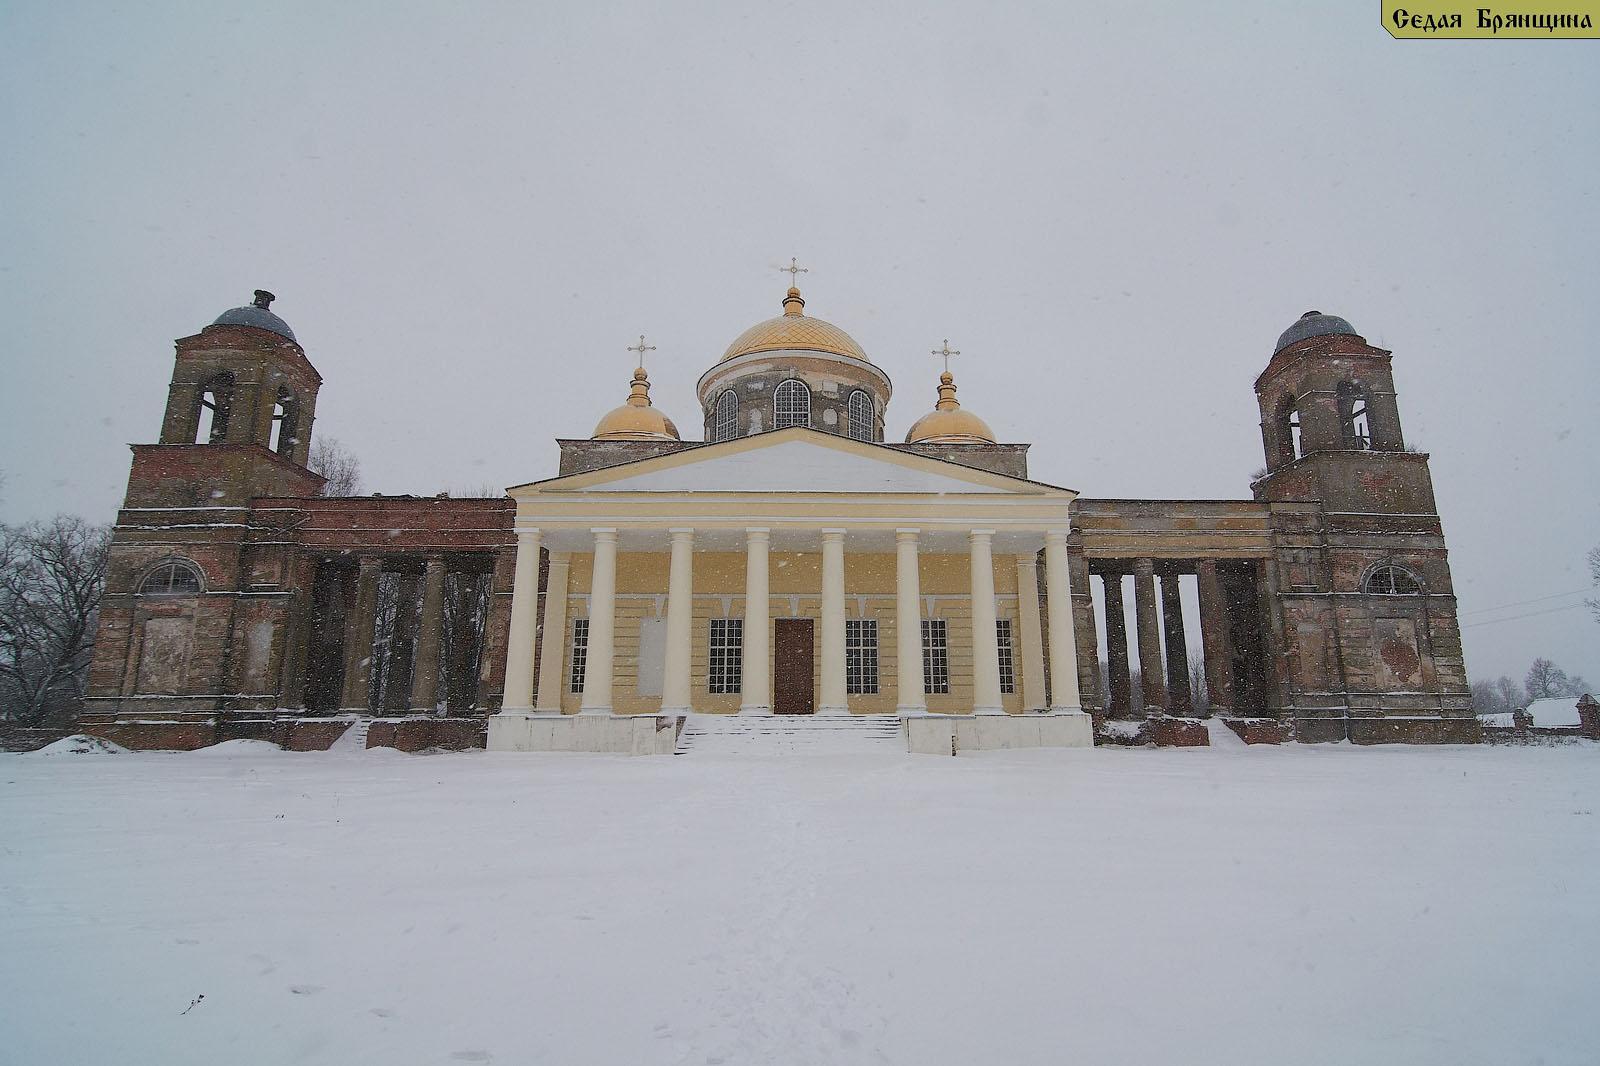 Ляличи. Церковь Екатерины Великомученицы (январь 2017)